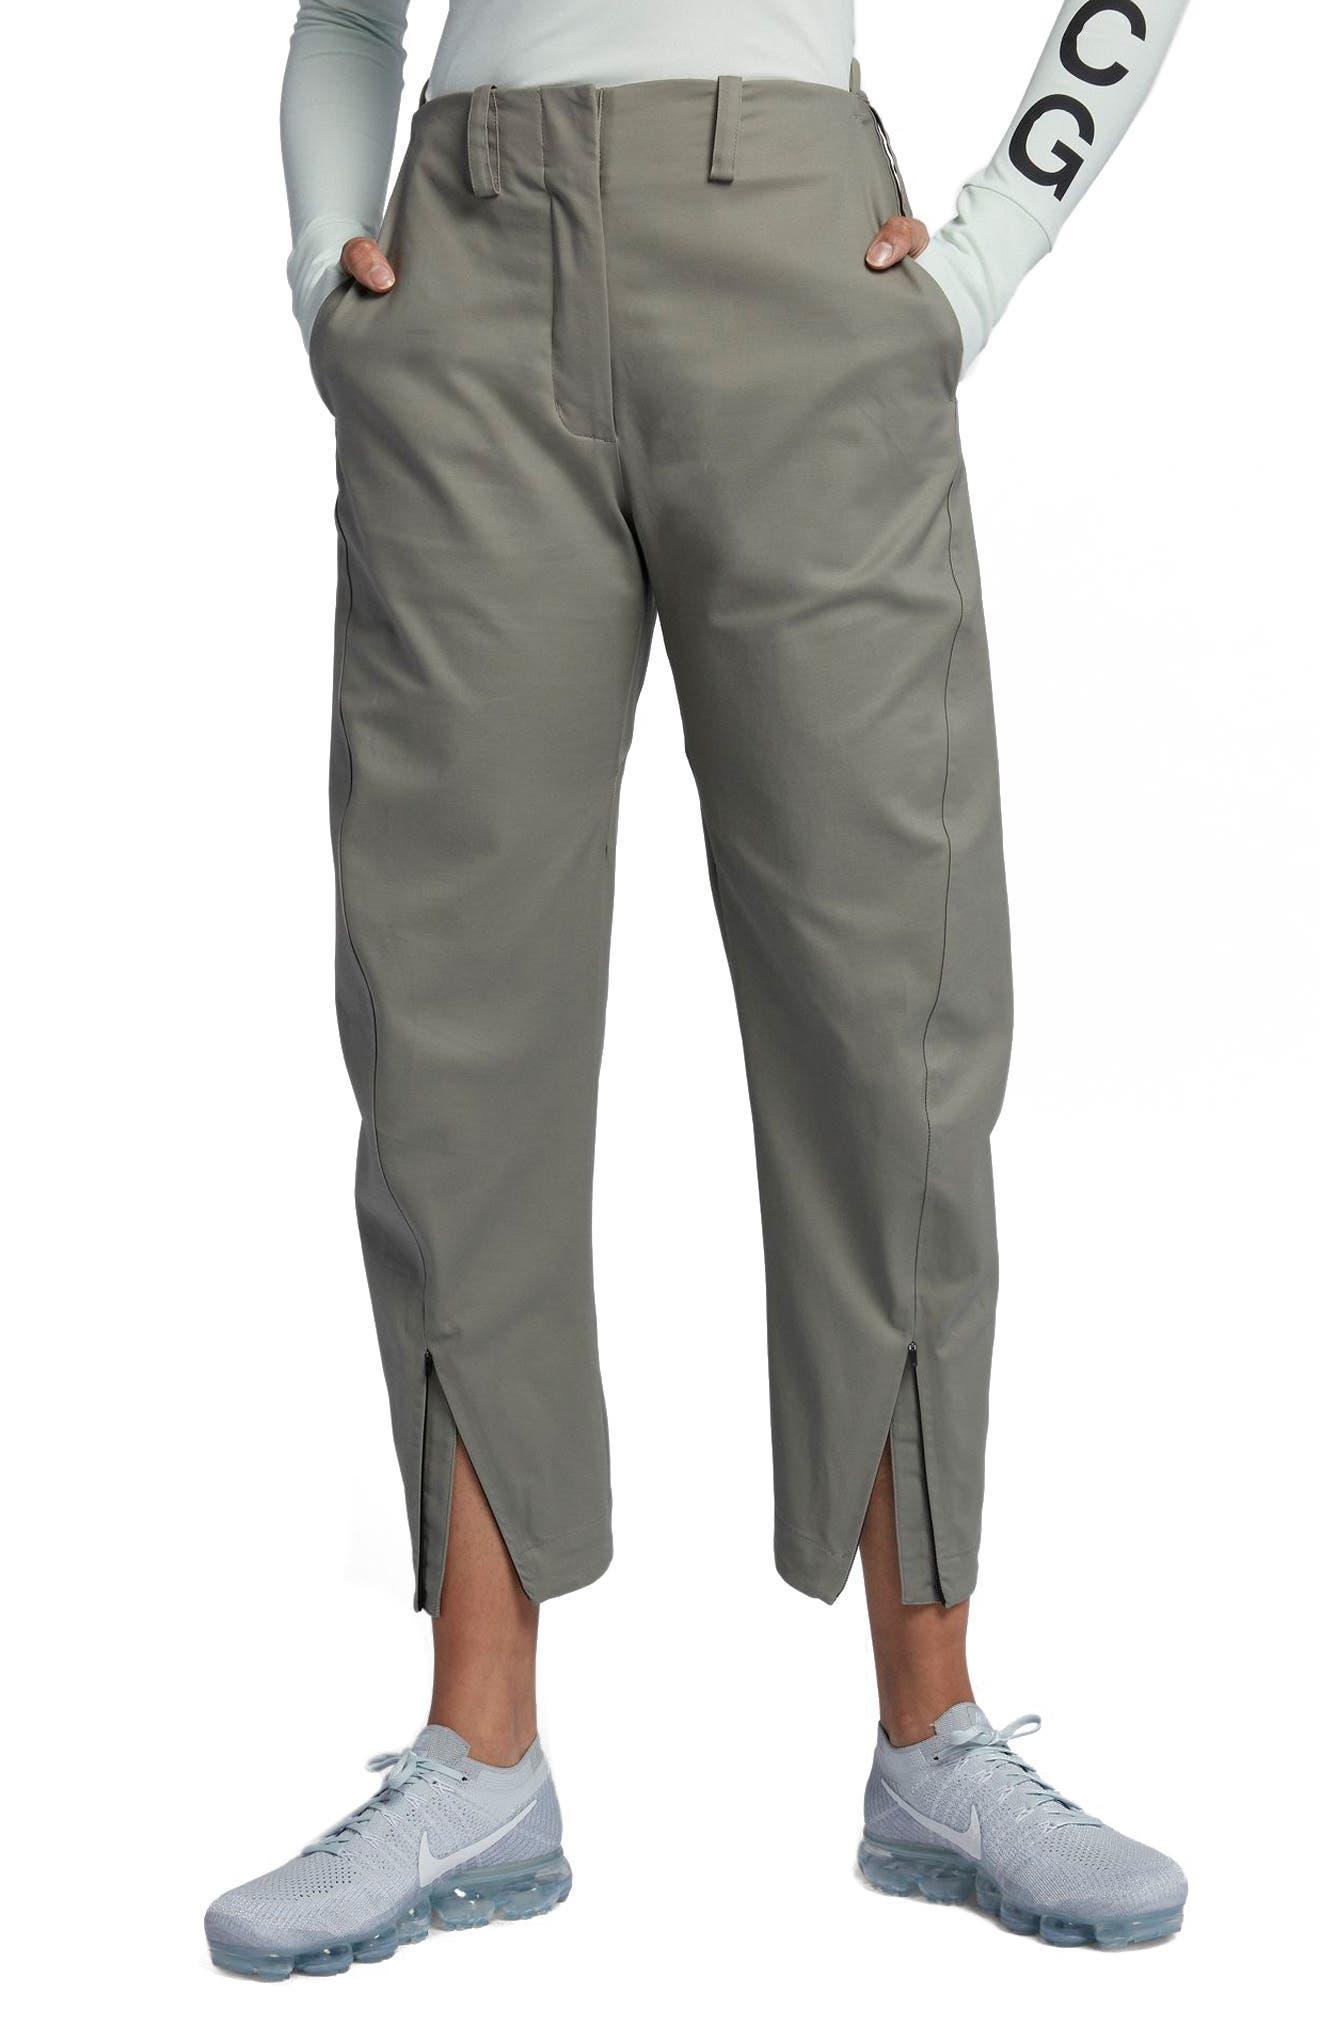 NikeLab ACG Tech Woven Pants,                             Main thumbnail 1, color,                             020